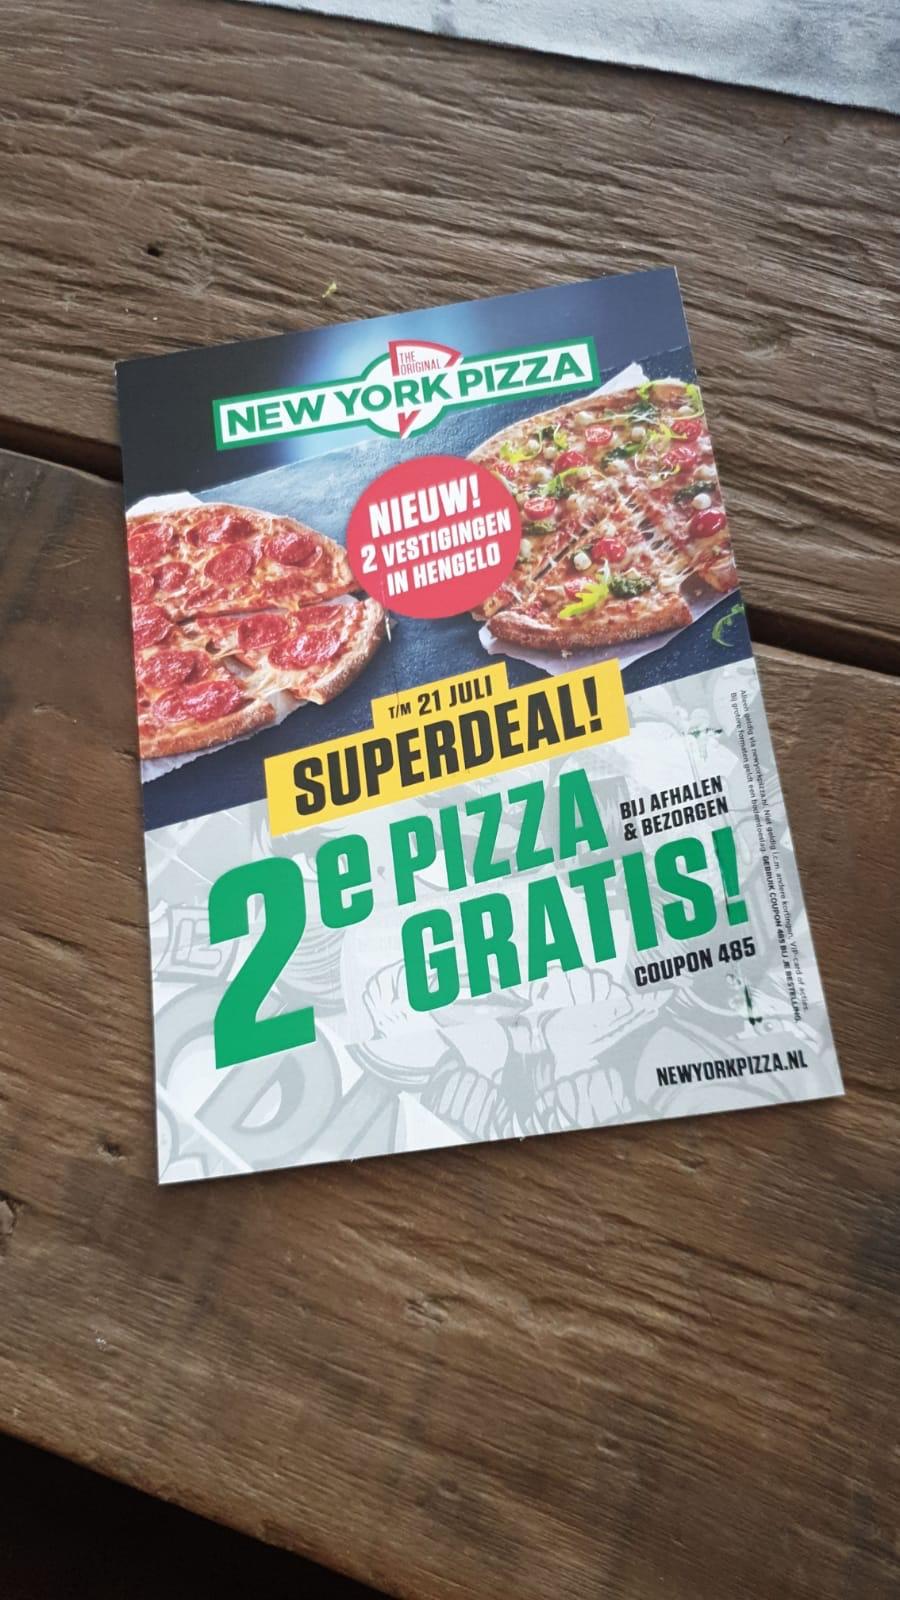 2e pizza gratis new york pizza @Hengelo Ov